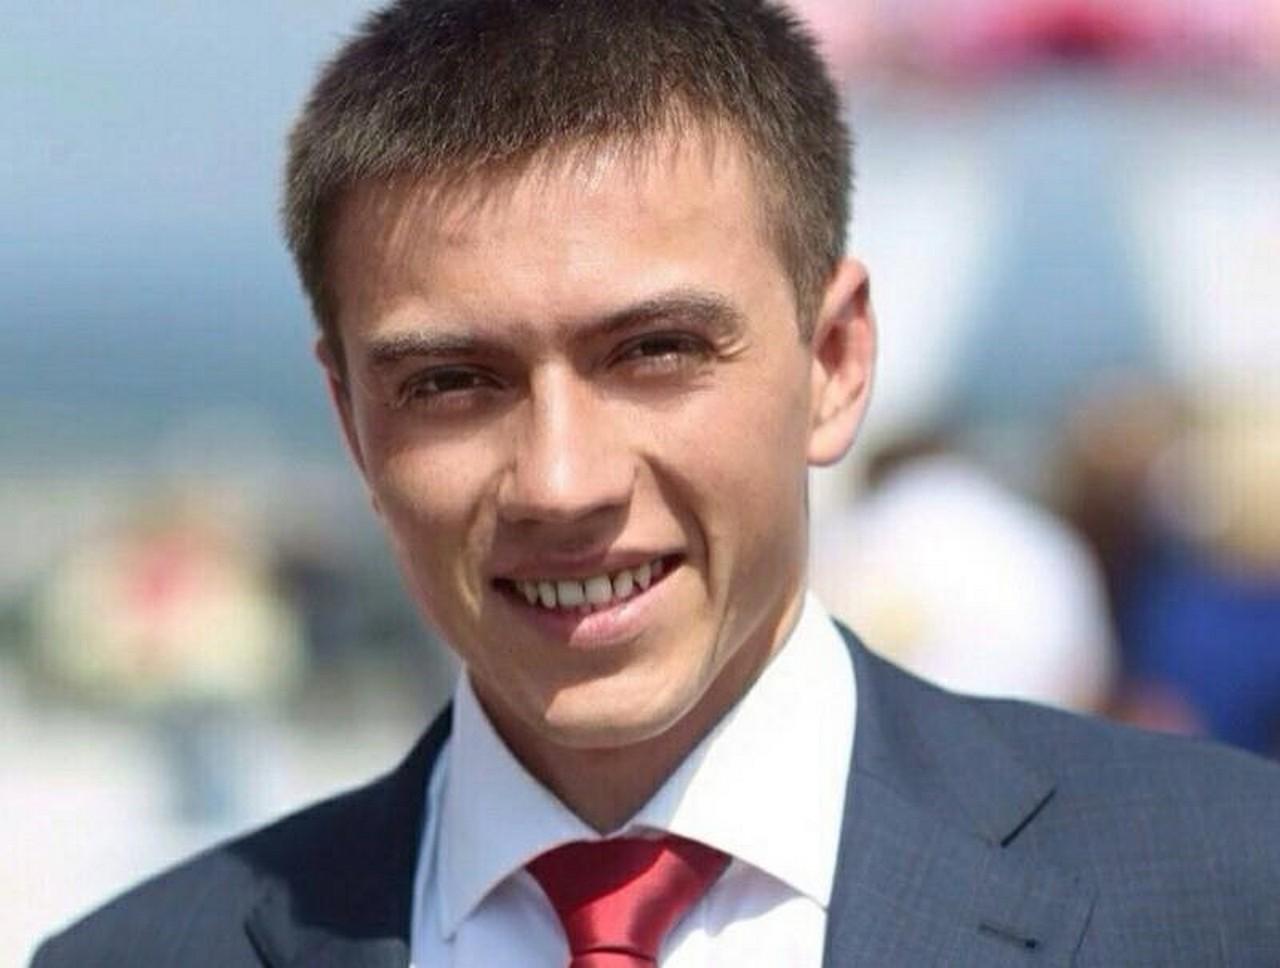 Через ревнощі мукачівець Едгар Бішко 5 січня вбив 27-річного Михайла Глебу: усі подробиці кривавого злочину